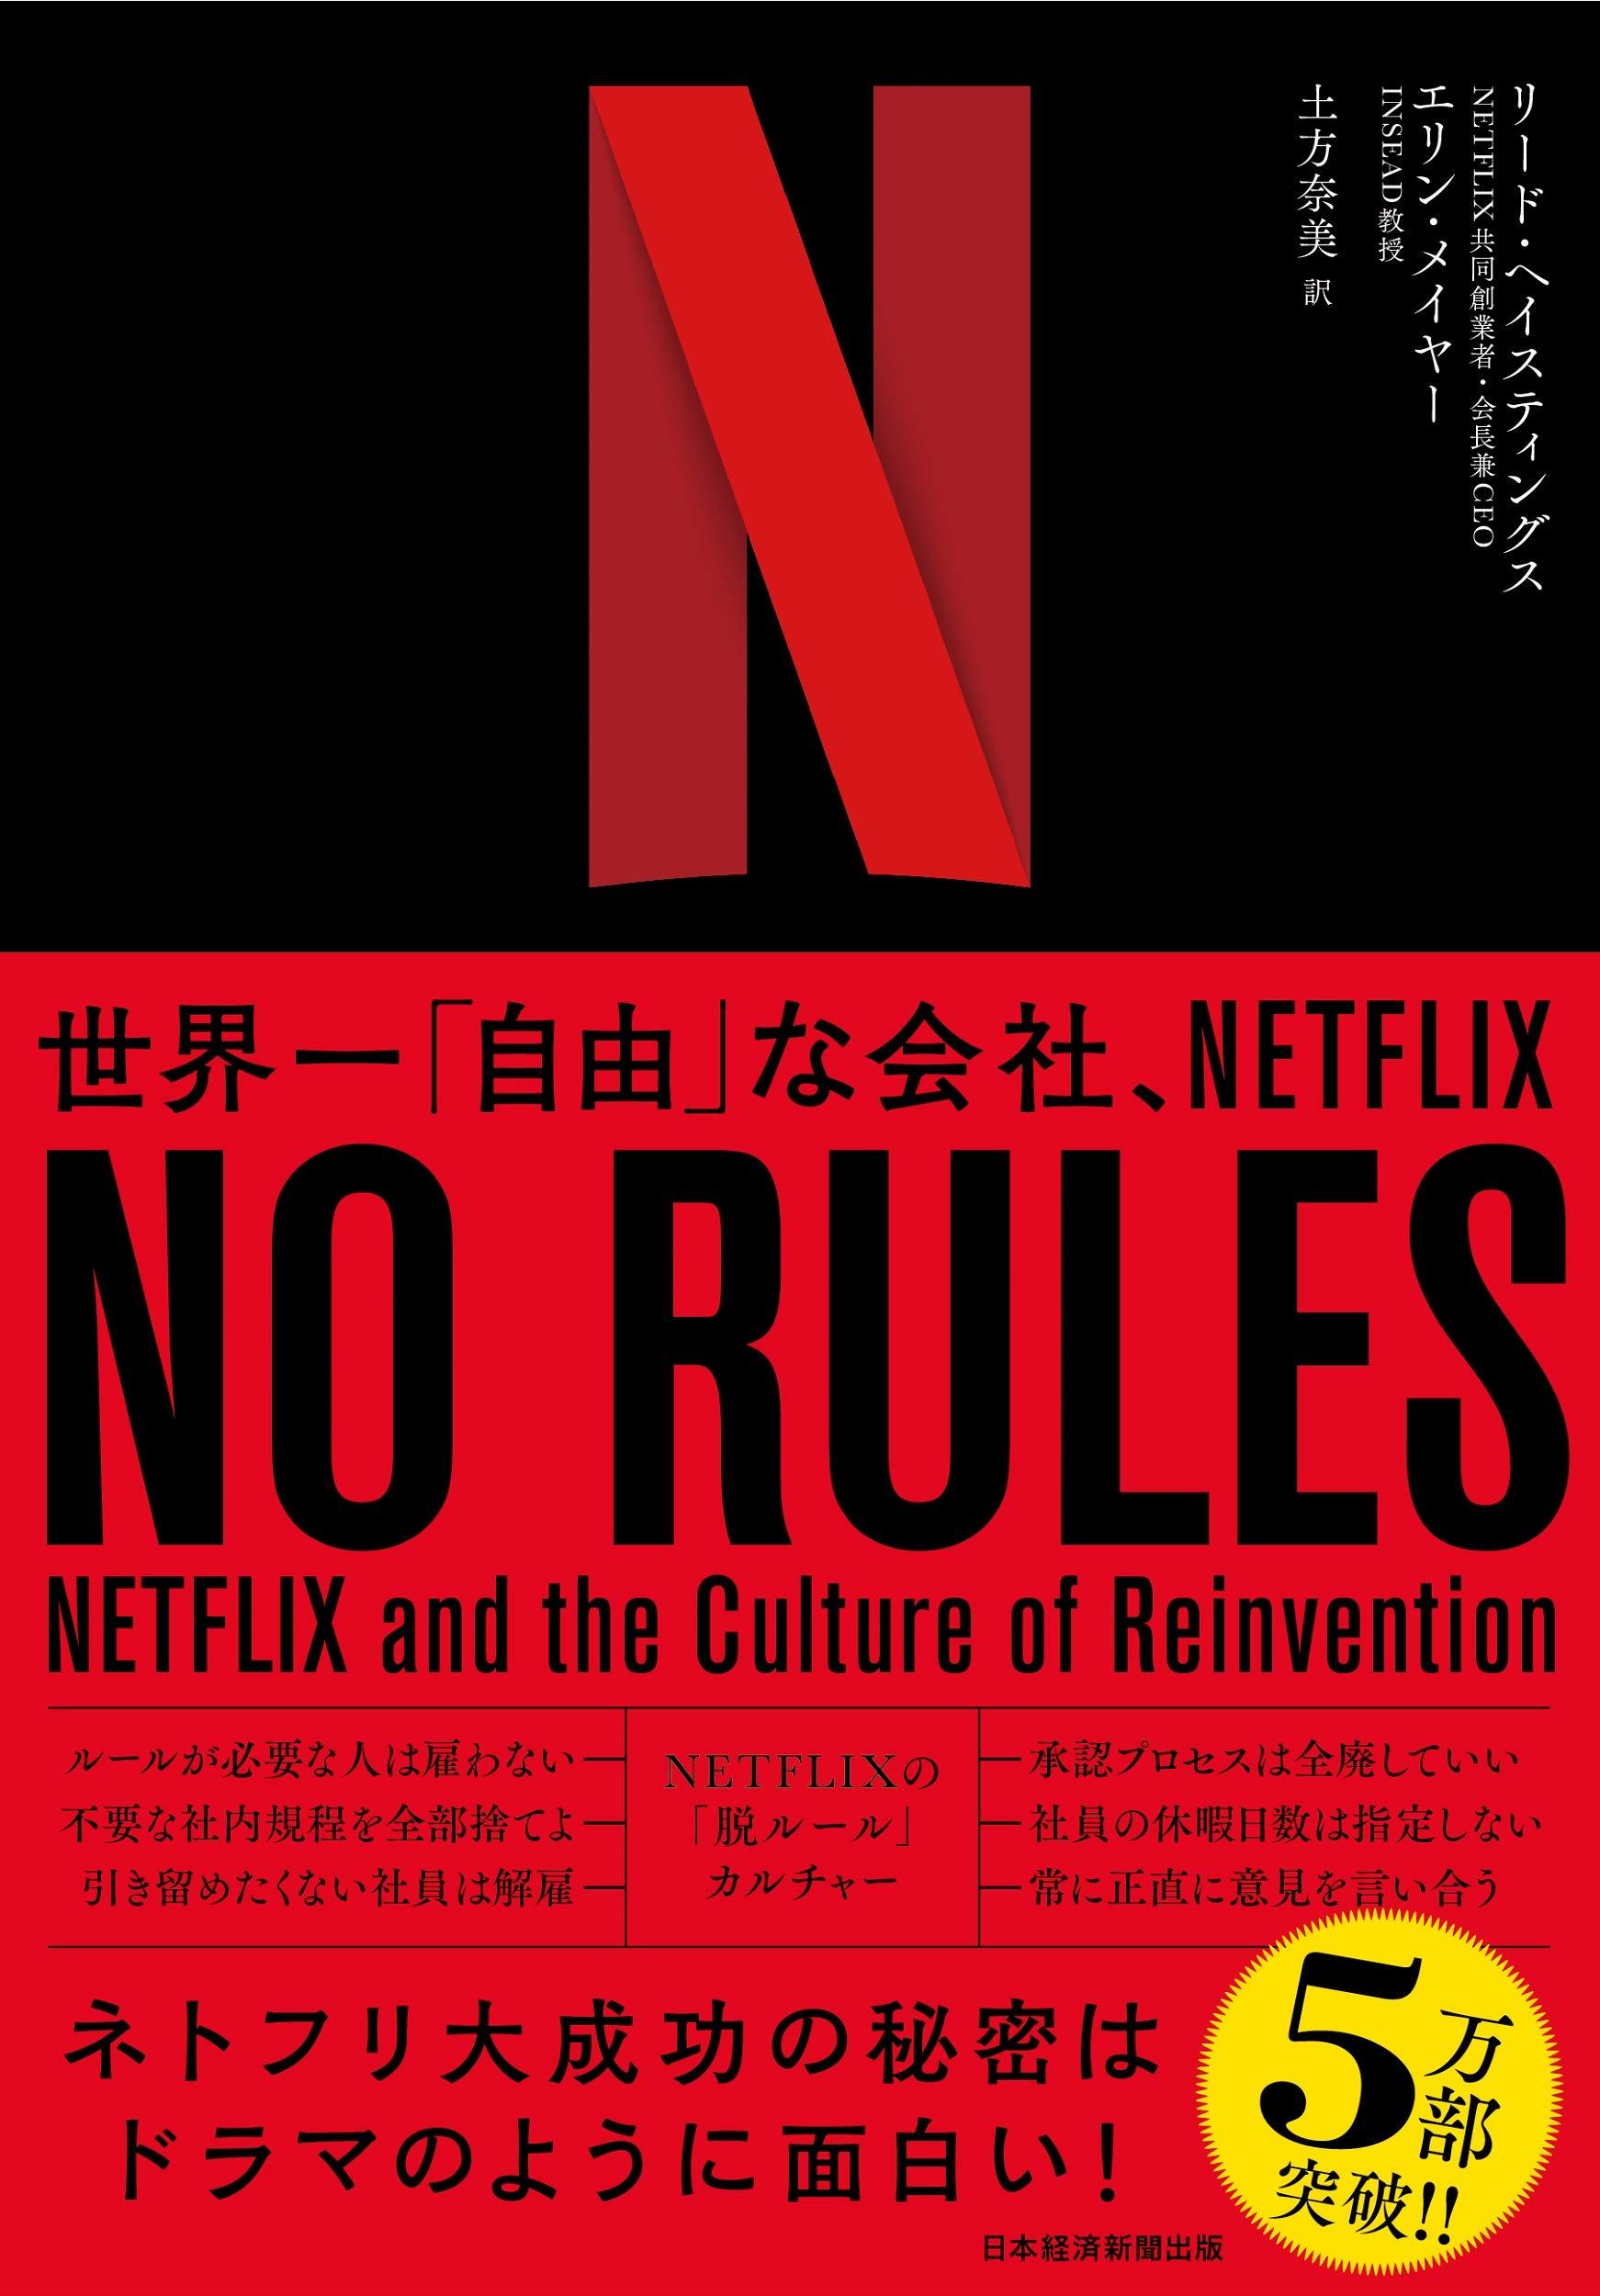 リード・ヘイスティングス, エリン・メイヤー(2020)『NO RULES 世界一「自由」な会社、NETFLIX』日本経済新聞出版